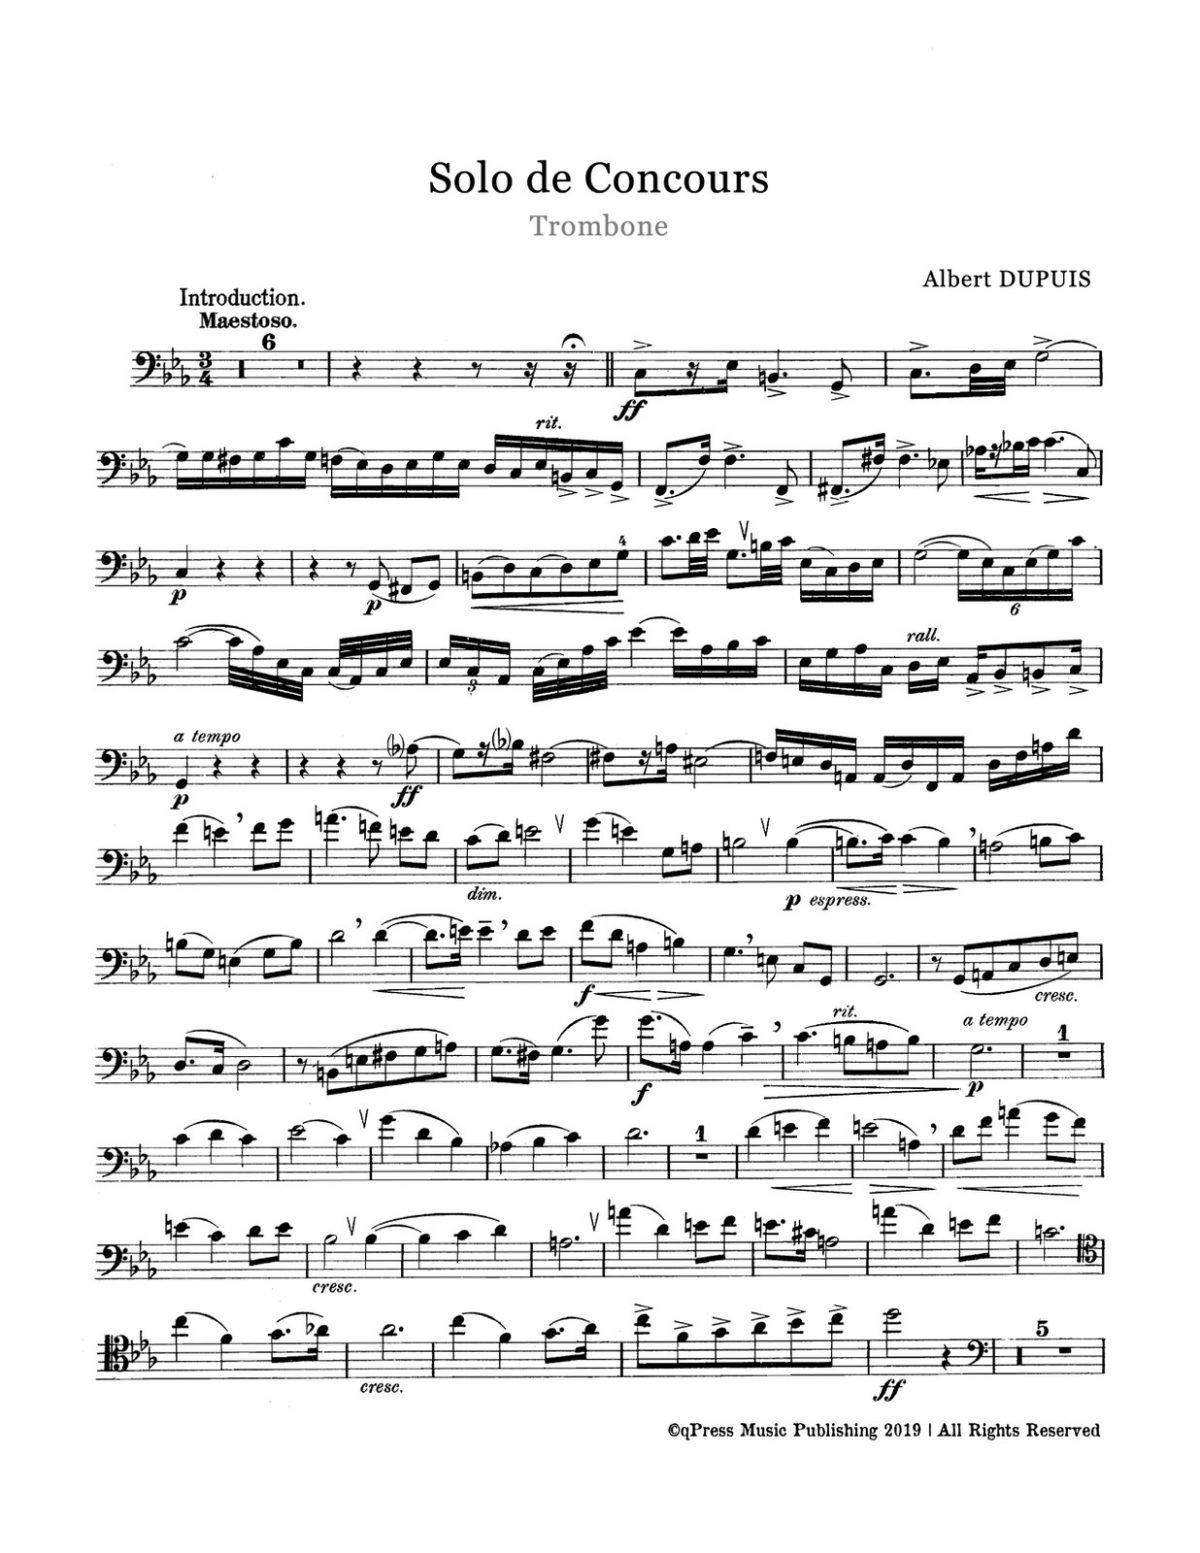 Dupuis, Albert, Solo de Concours-p03